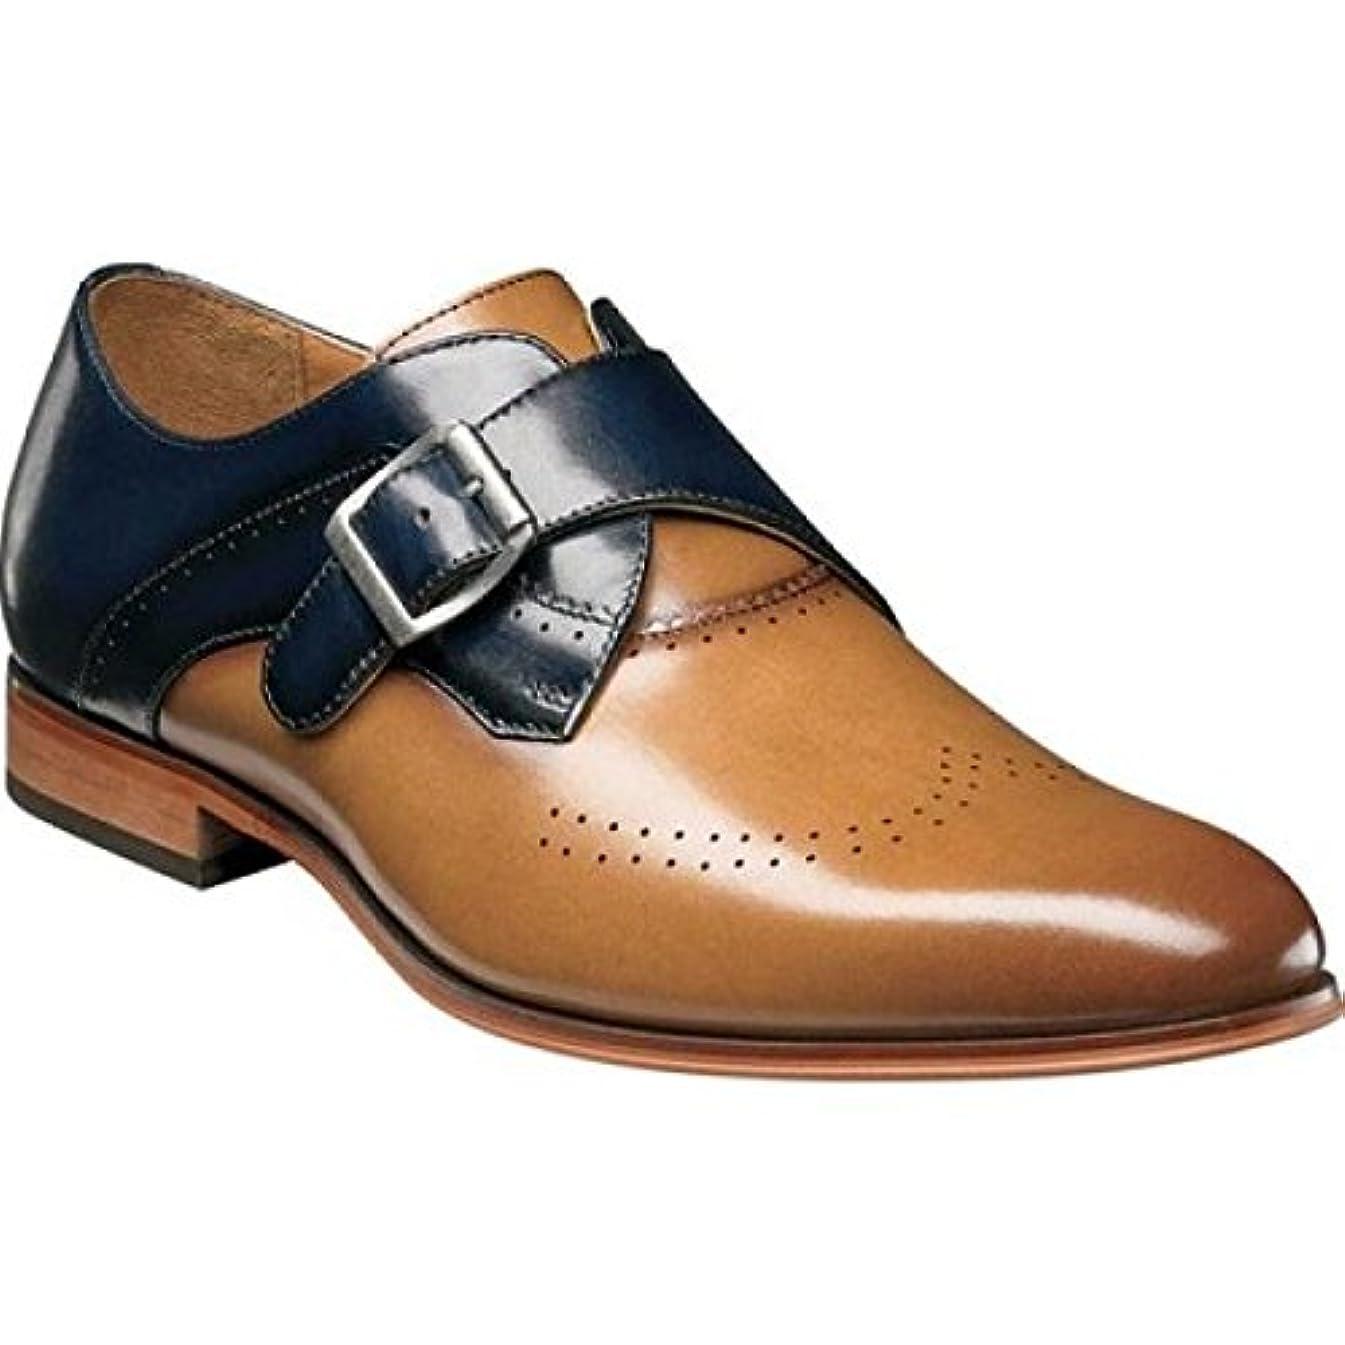 抑制舗装どちらか(ステイシー アダムス) Stacy Adams メンズ シューズ?靴 革靴?ビジネスシューズ Saxton Wingtip Monk Strap 25178 [並行輸入品]